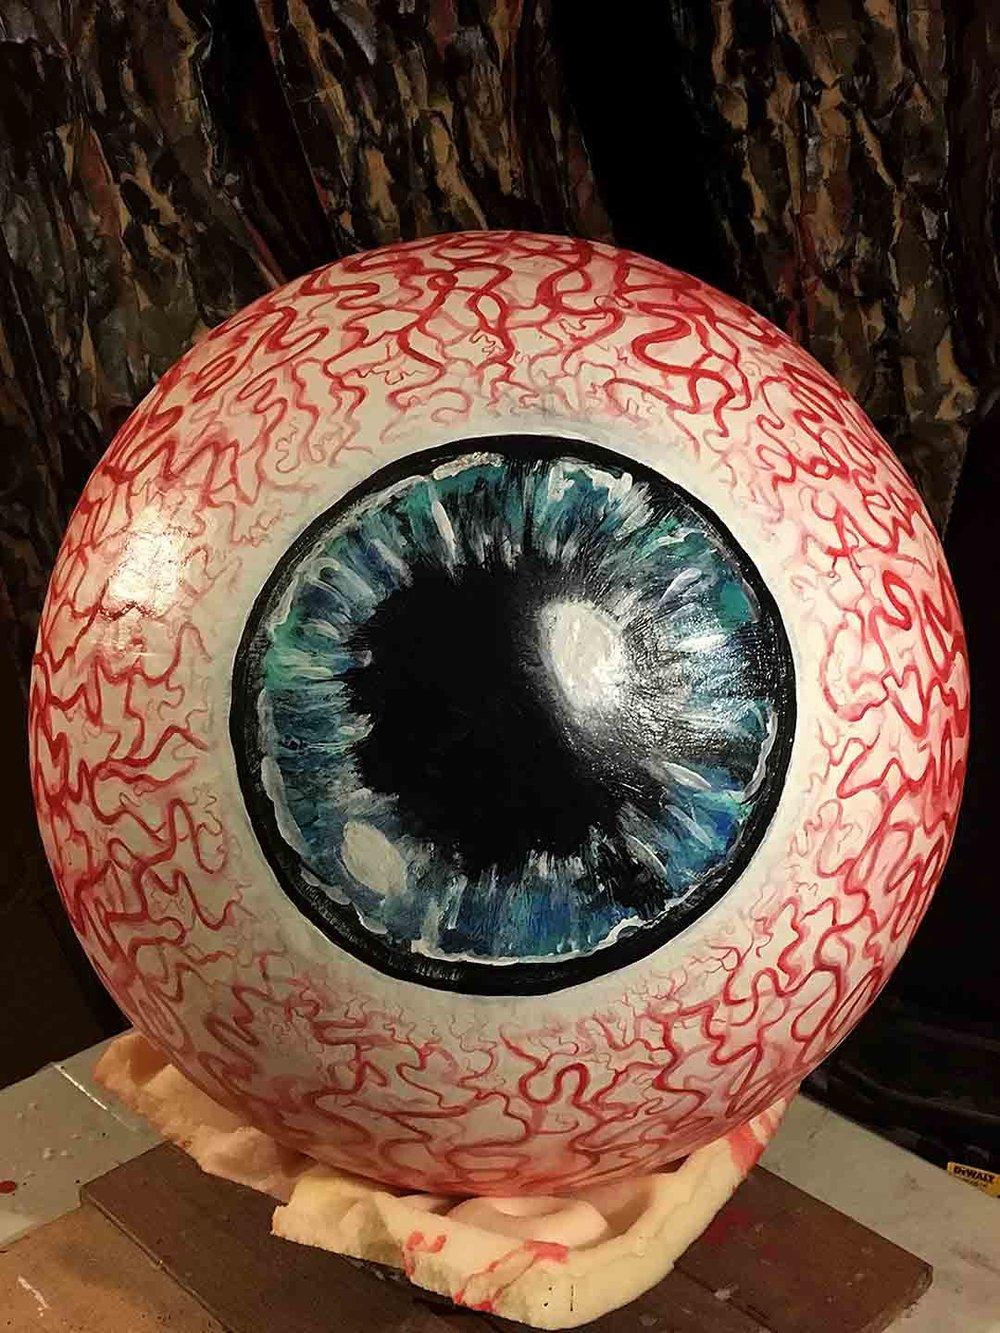 eye ball prop process22 web.jpg